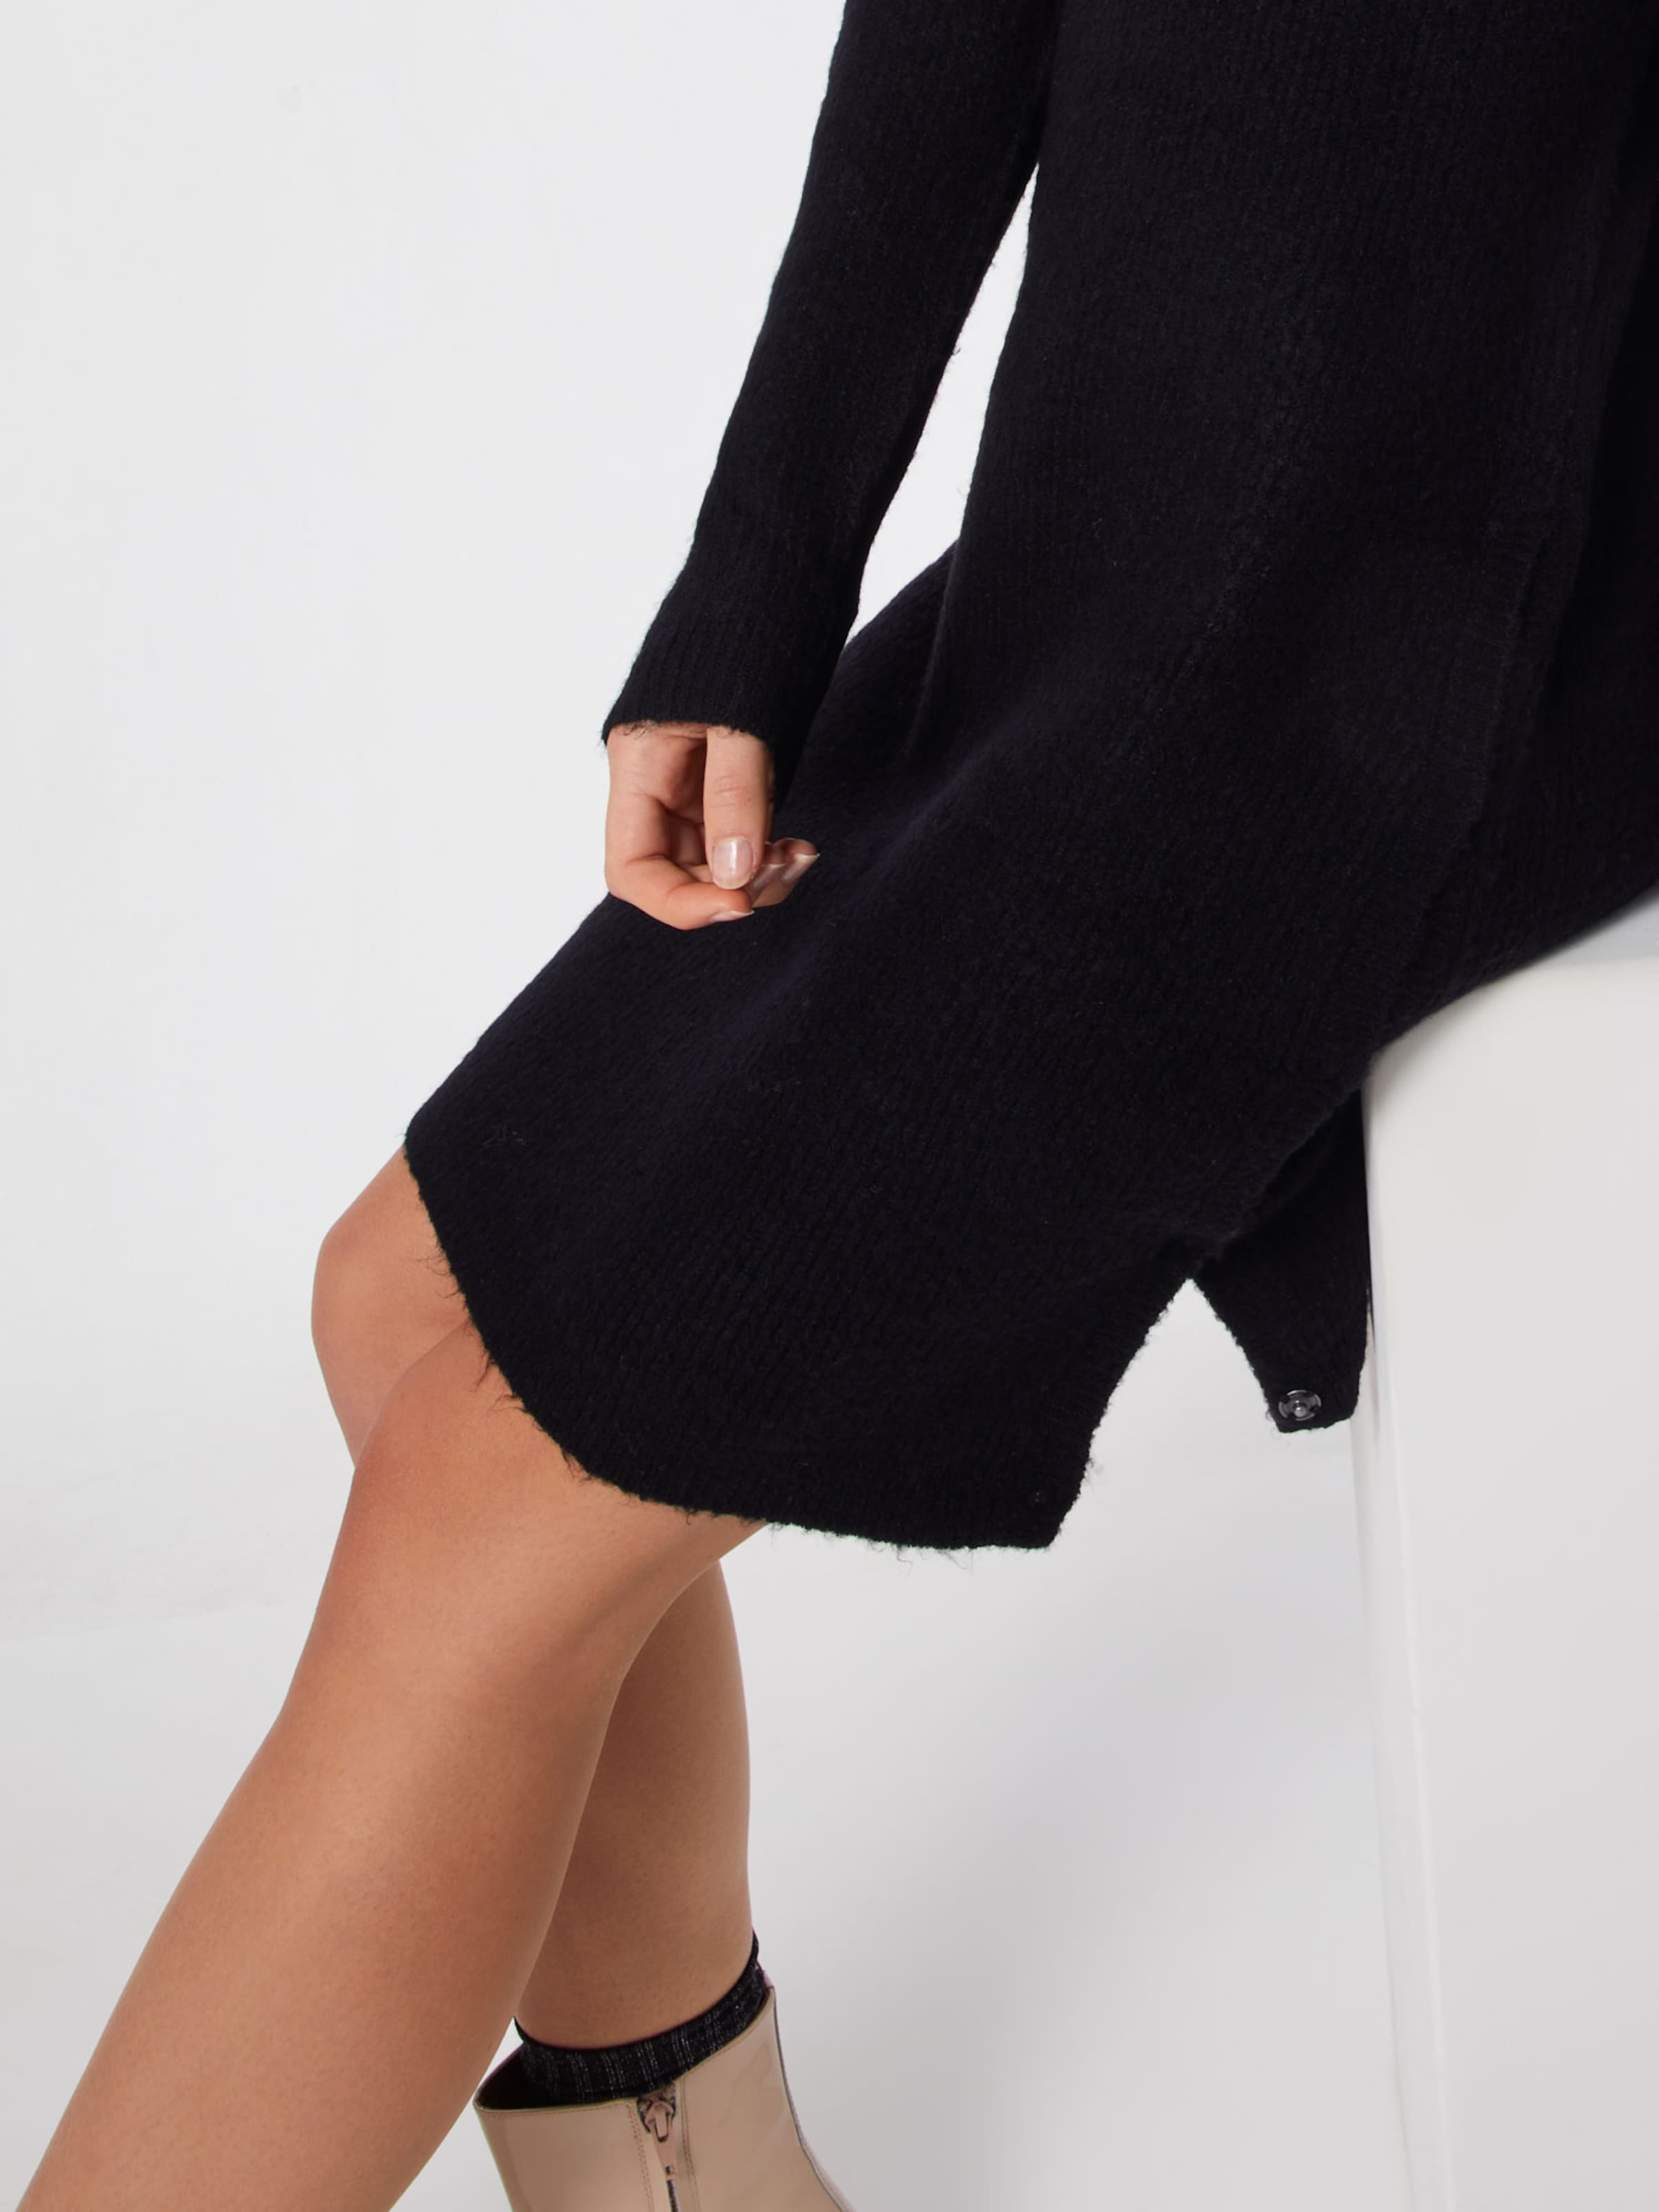 'button Kleid Dress' Eksept Schwarz In 8nwvmN0